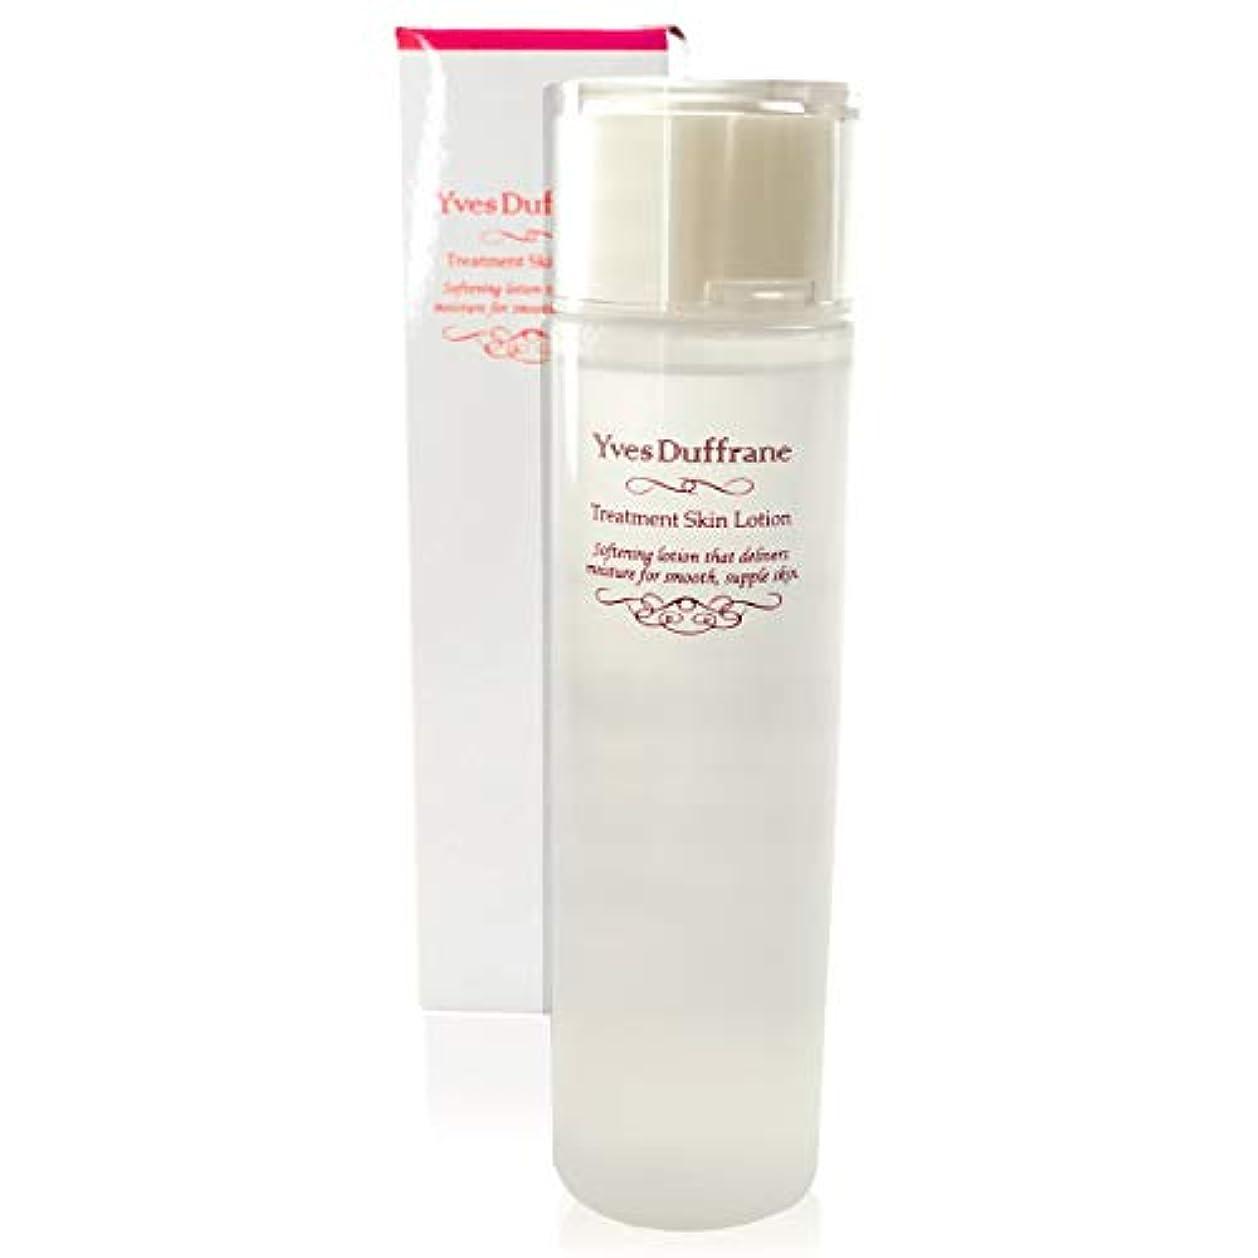 束最も早い選ぶ化粧水/セラミド アミノ酸/人気 敏感肌 保湿 おすすめ [トリートメントスキンローション]